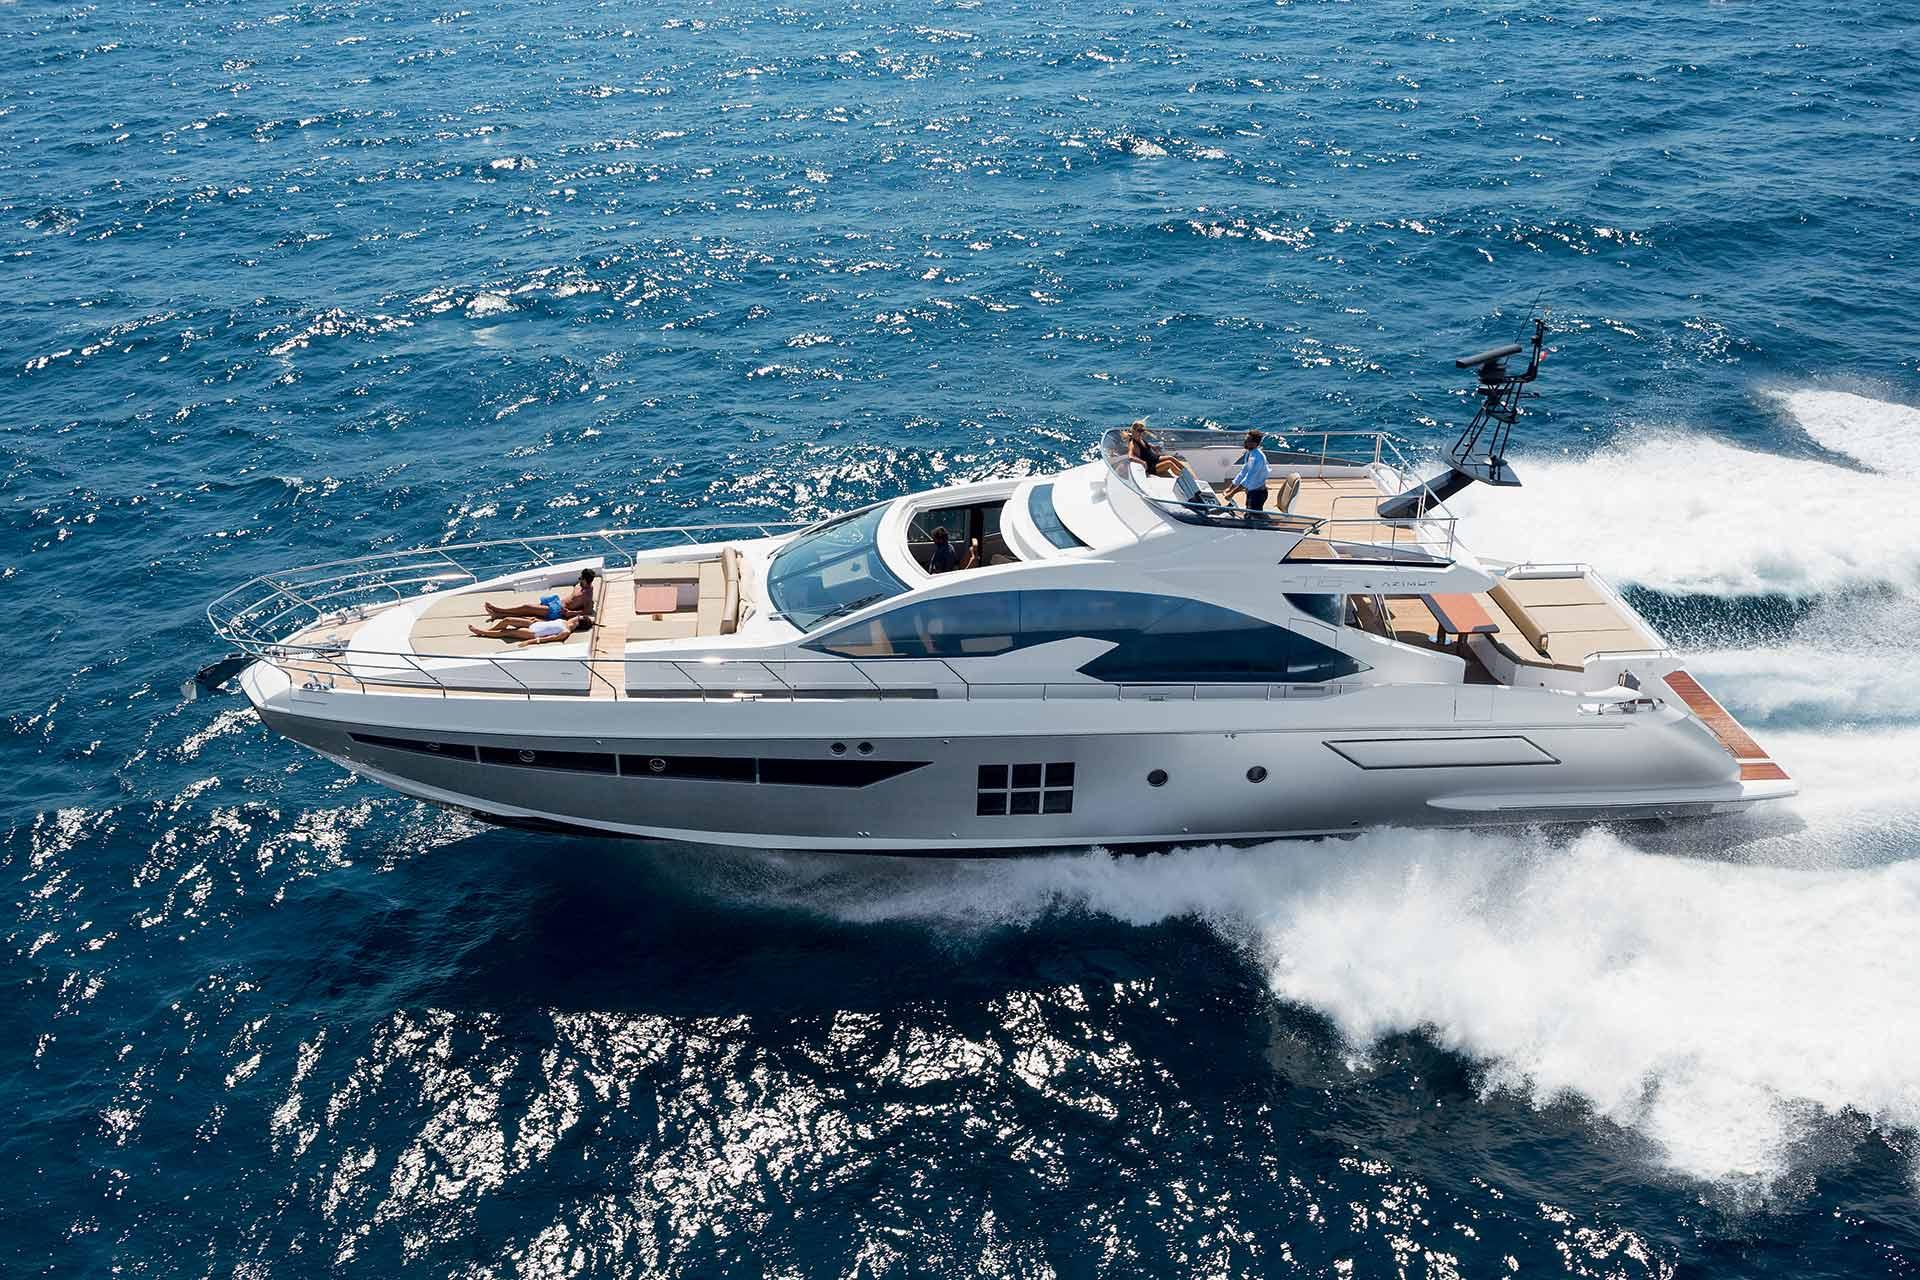 azimut-77S-pb yachting